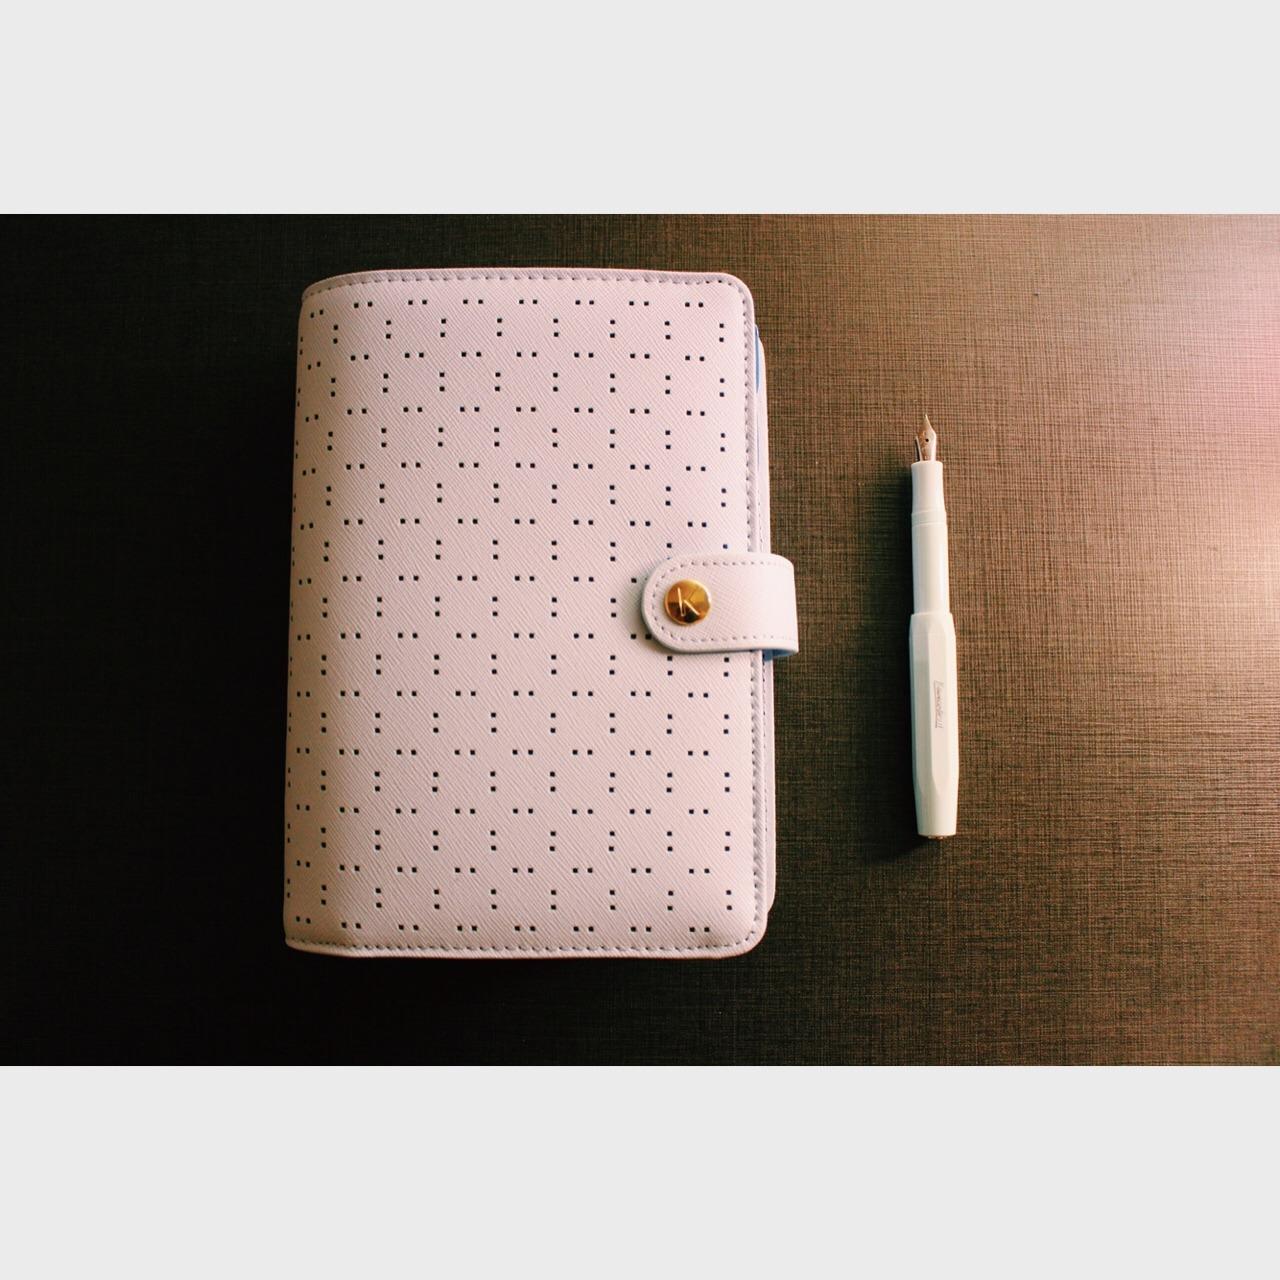 薄荷绿,文具,活页手账本,钢笔